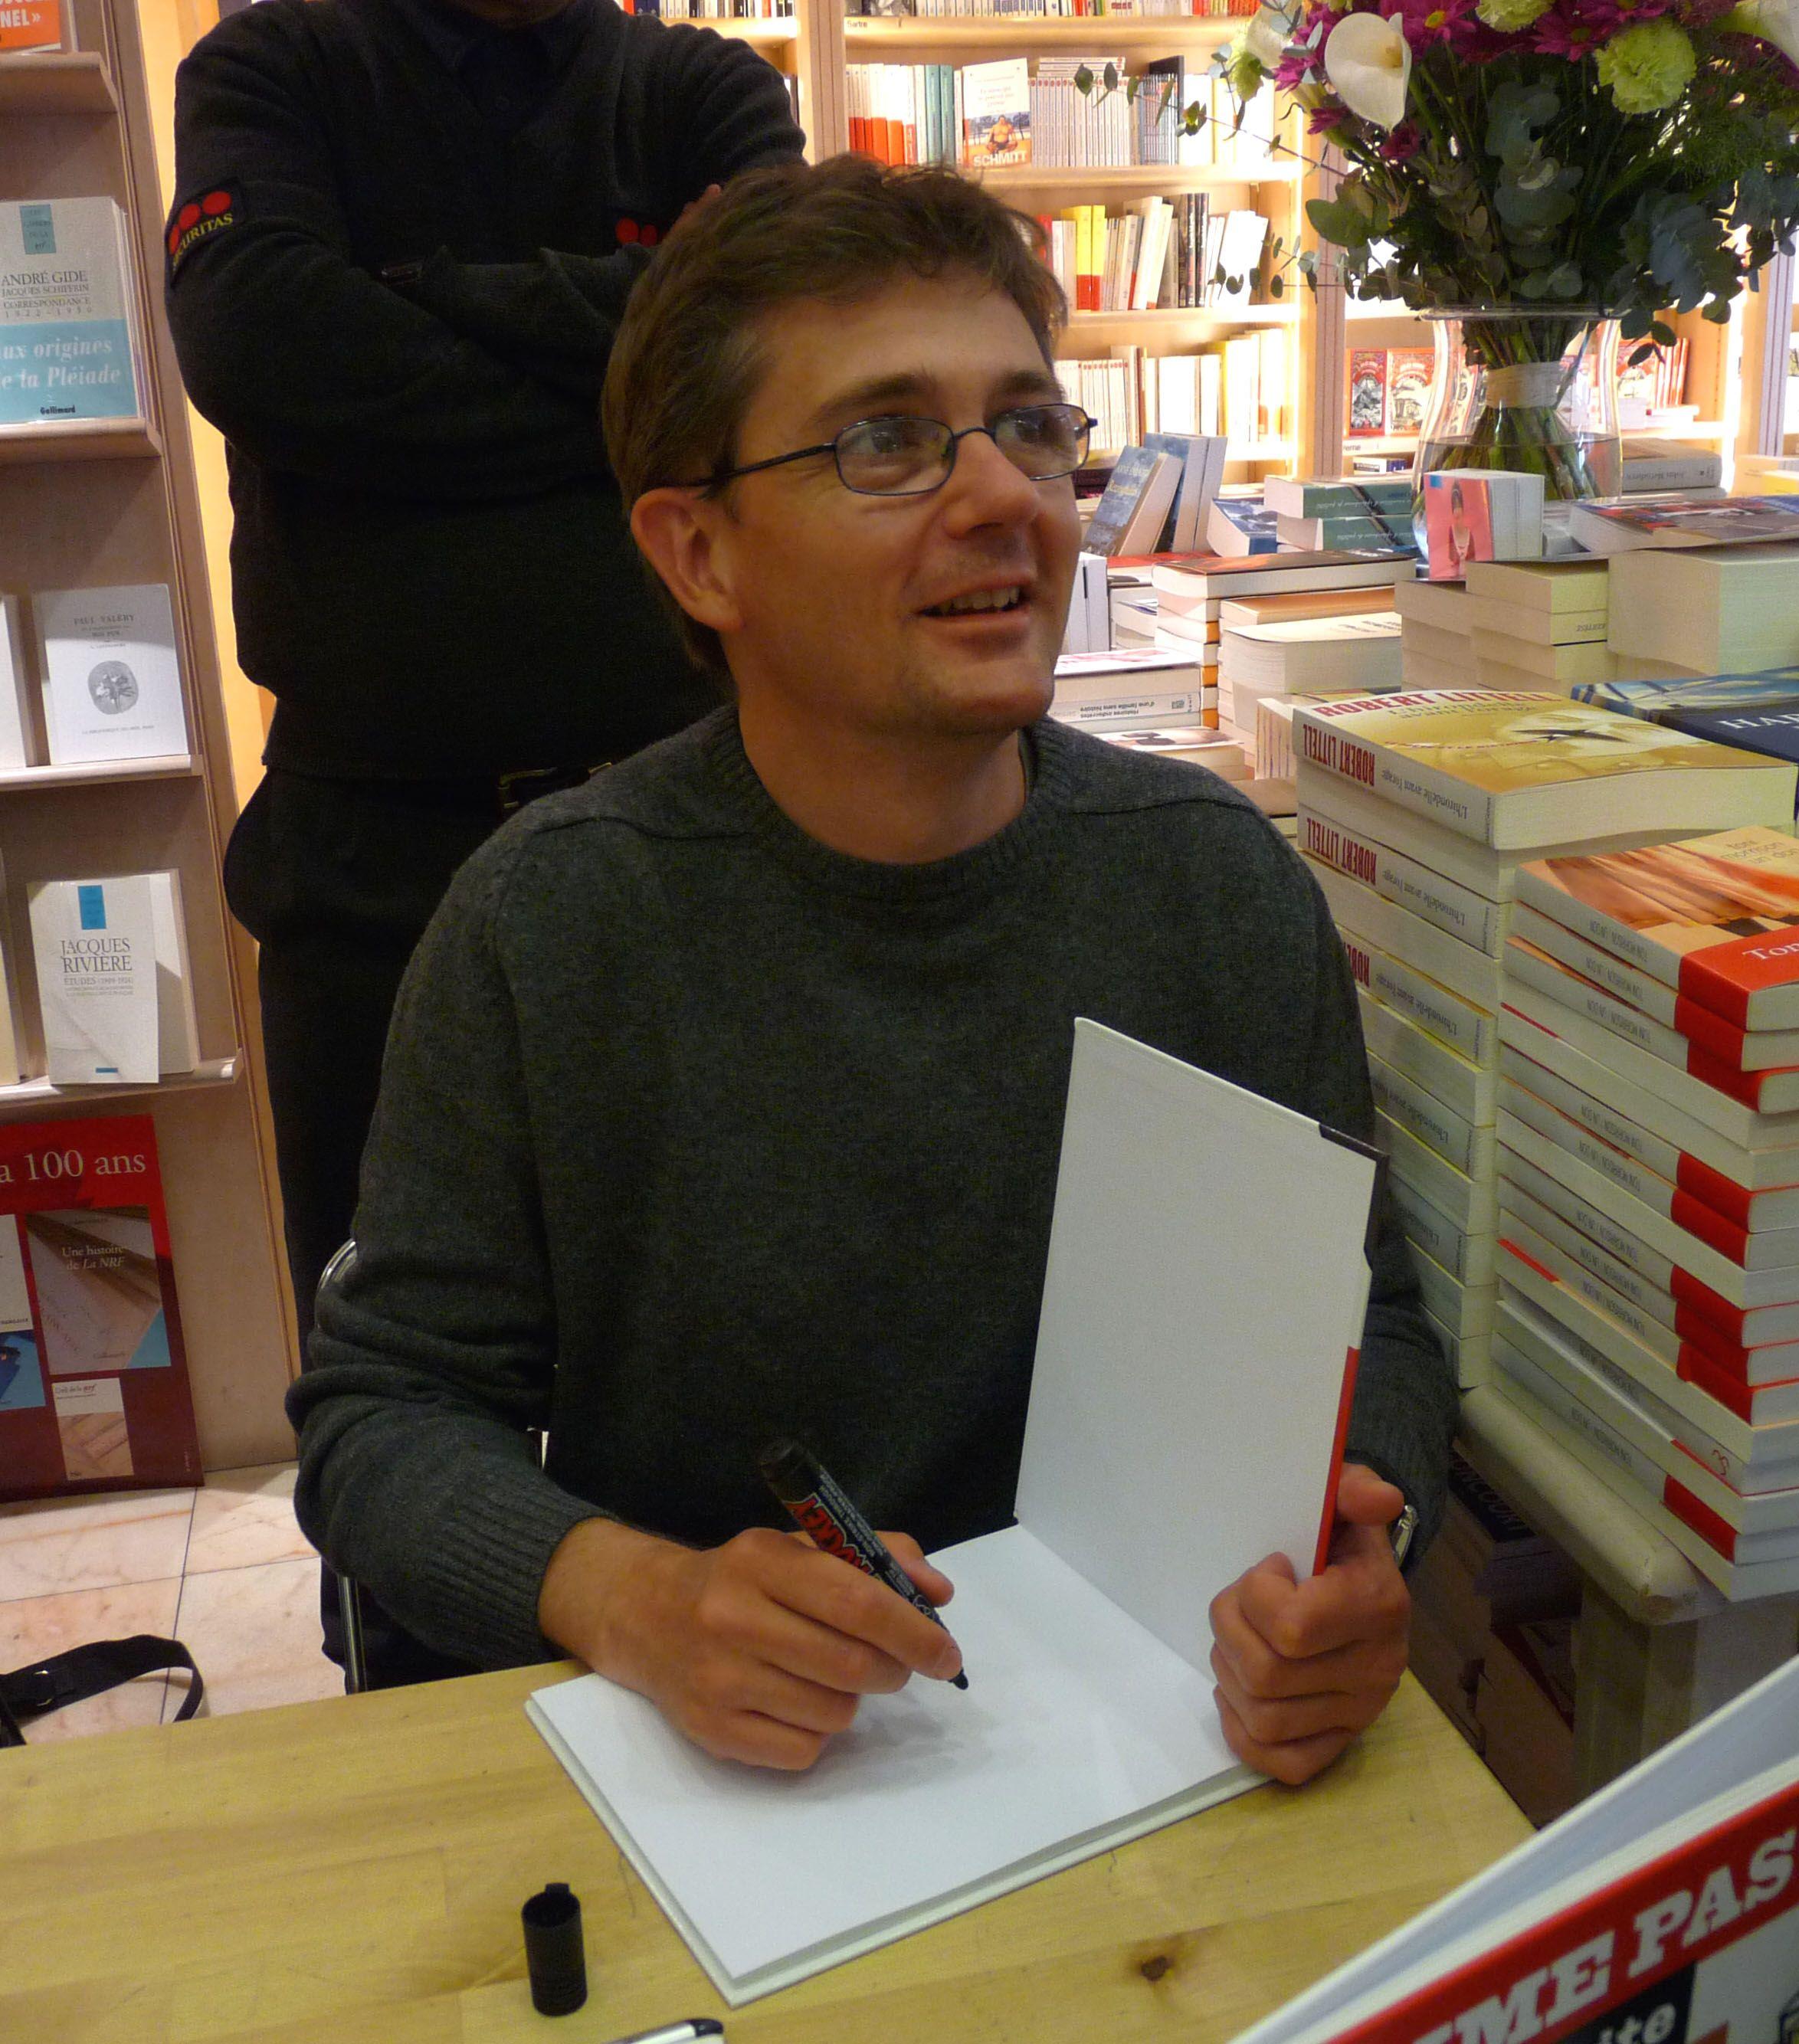 """Stéphane Charbonnier, jeden z rysowników """"Charlie Hebdo"""", który zginął w zamachu. Zdjęcie z 2009 roku."""